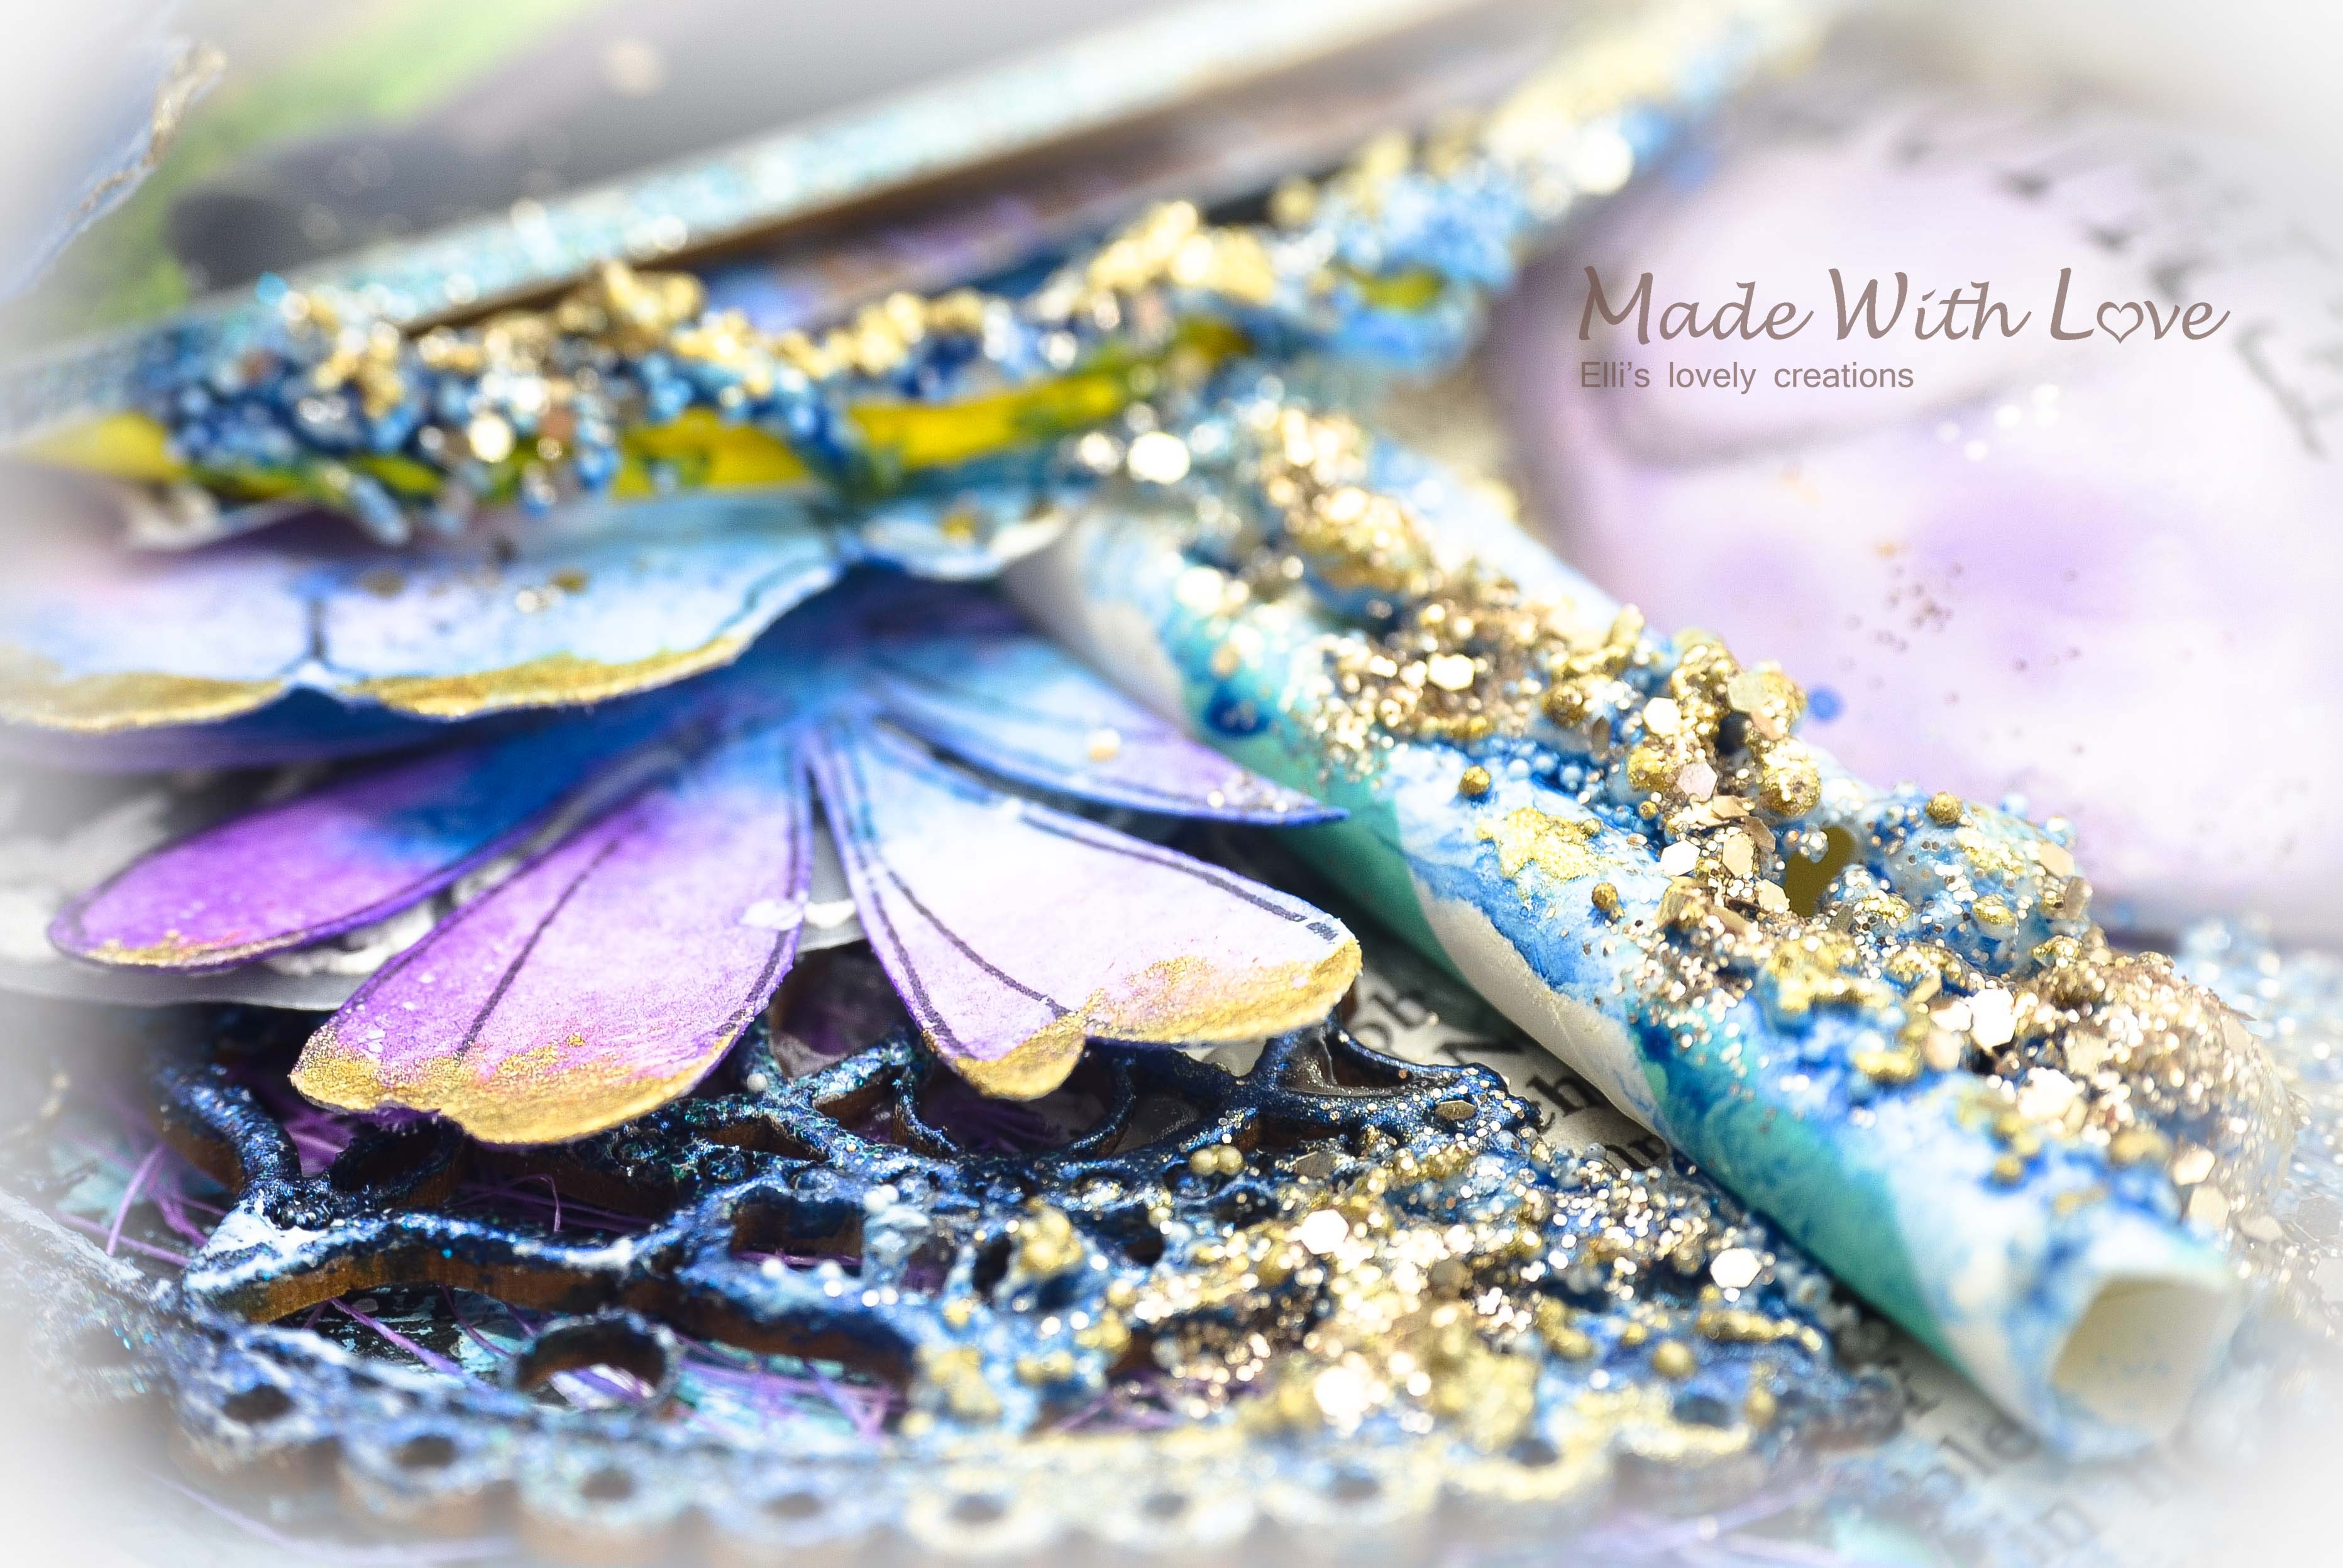 Mixed Media Summer Garden Wedding Album Cover Enjoy 0019